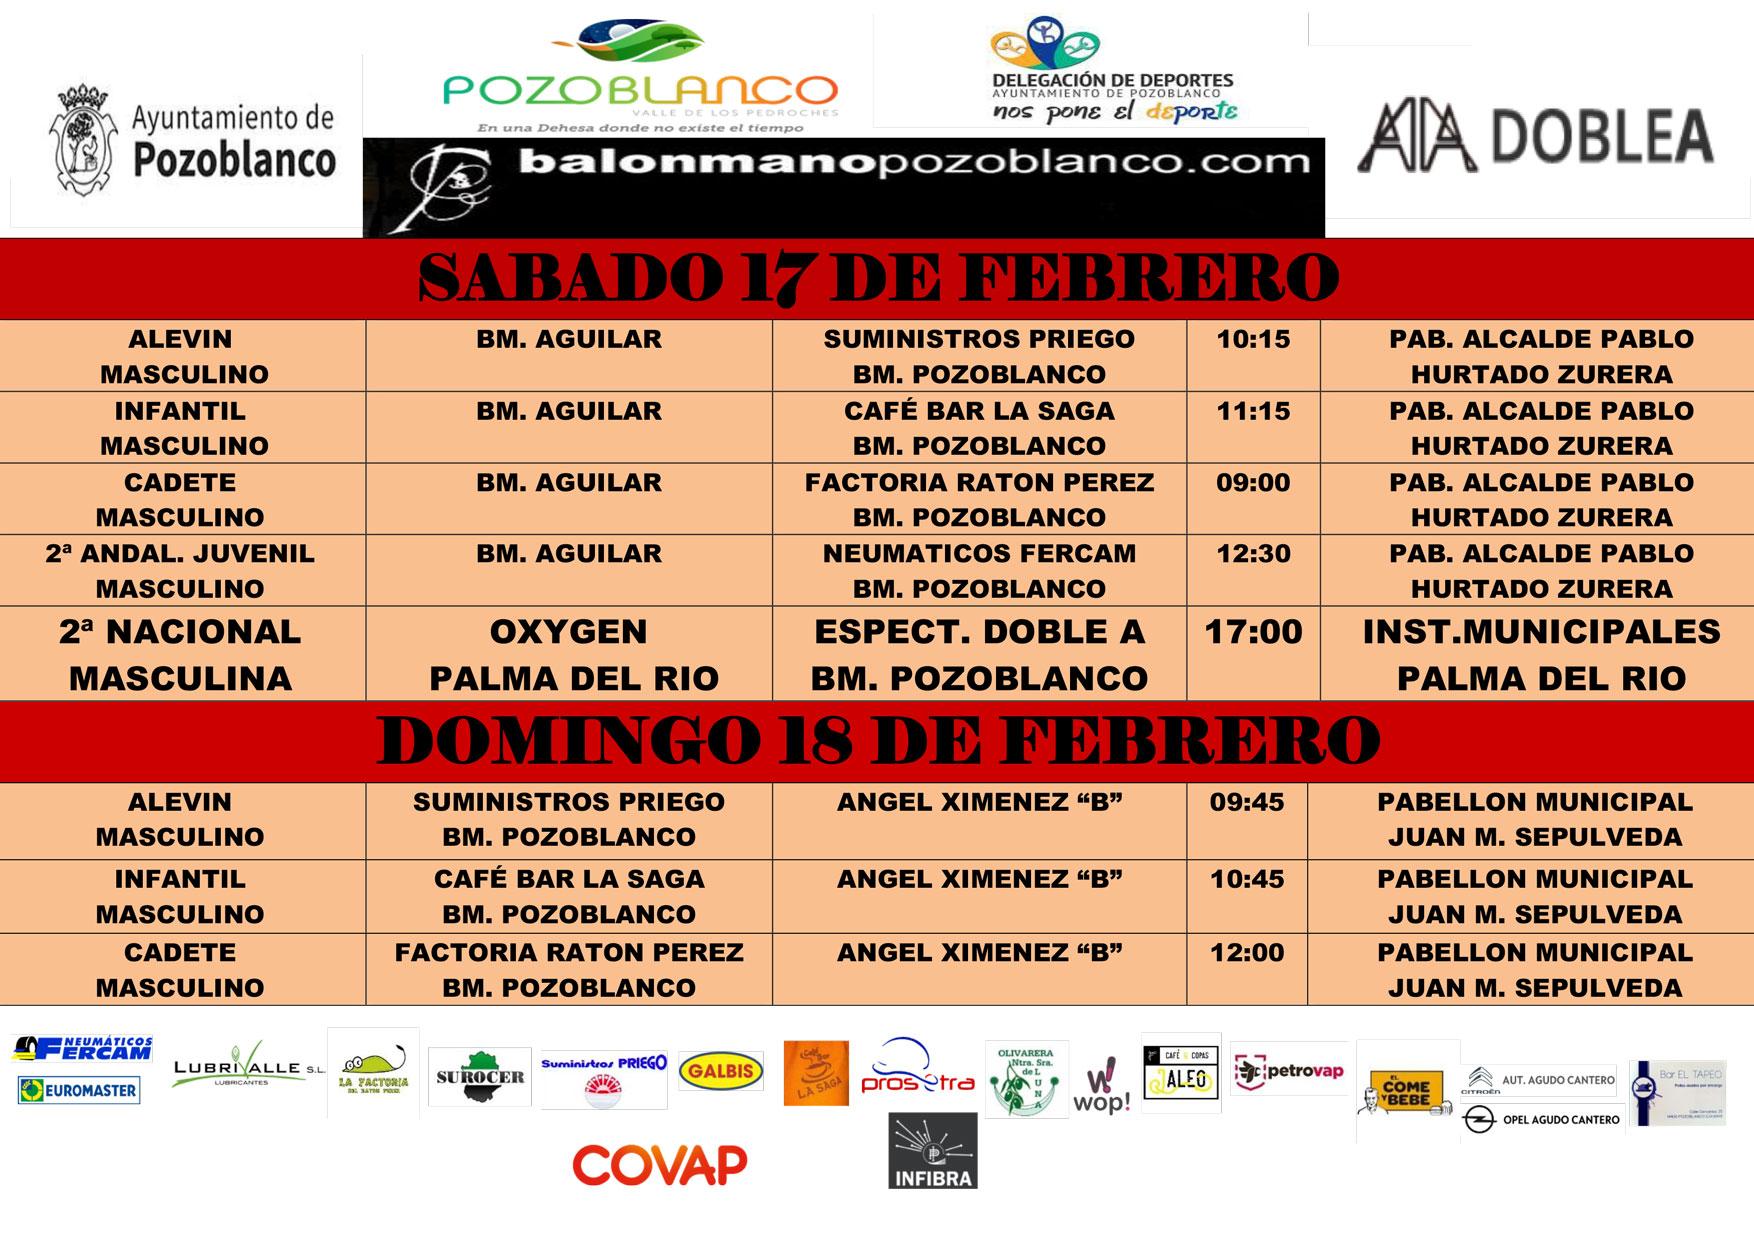 Horarios y enfrentamientos balonmano pozoblanco - Febrero-2018